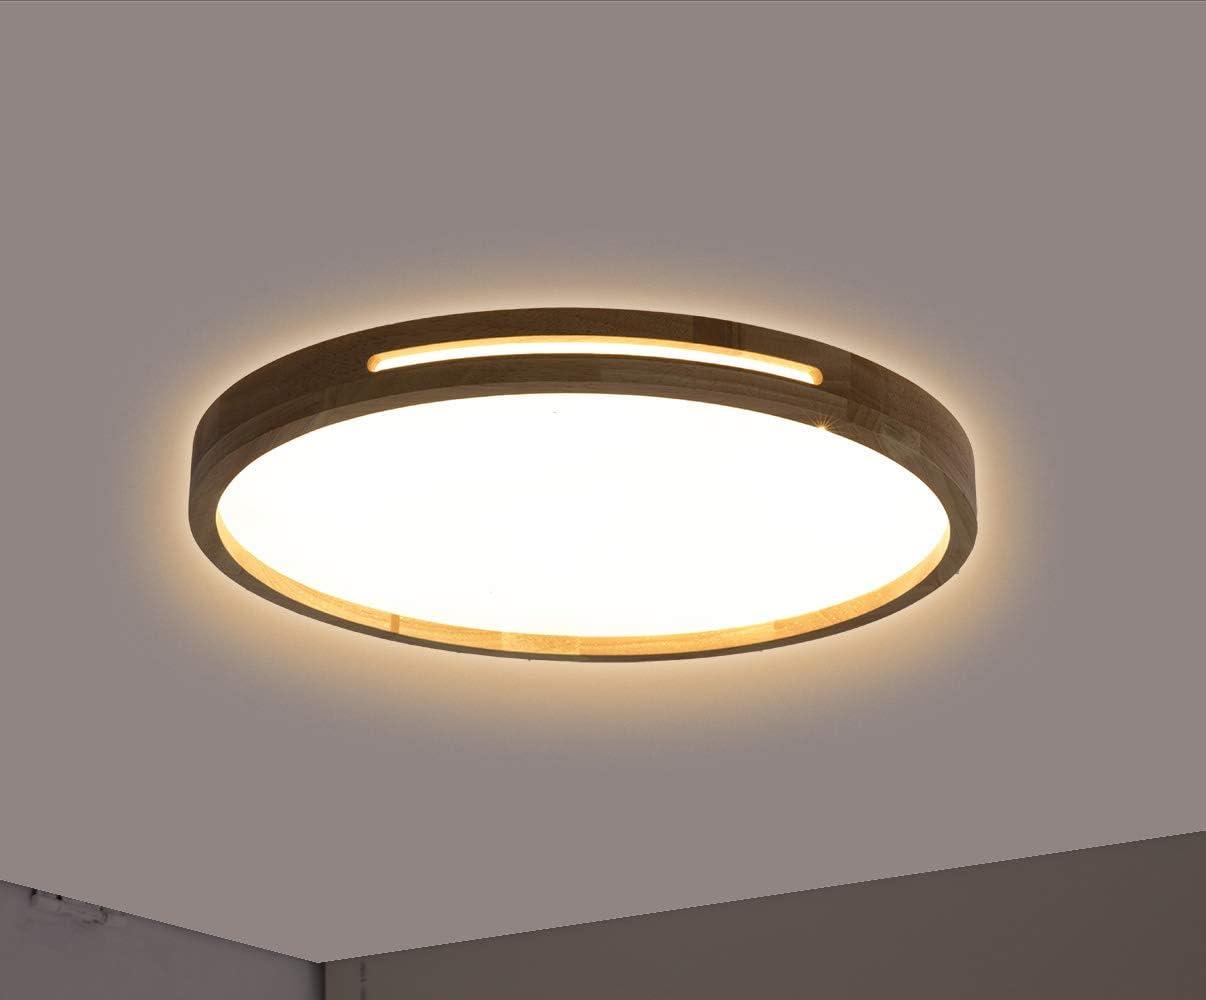 Convient pour Restaurant /Éclairage de plafond Modernes en Acrylique Lampe de fixation murale Azanan LED Plafonniers en bois massif Chambre /à coucher et Bureau. Salon Lumi/ère /à distance, /Φ38cm